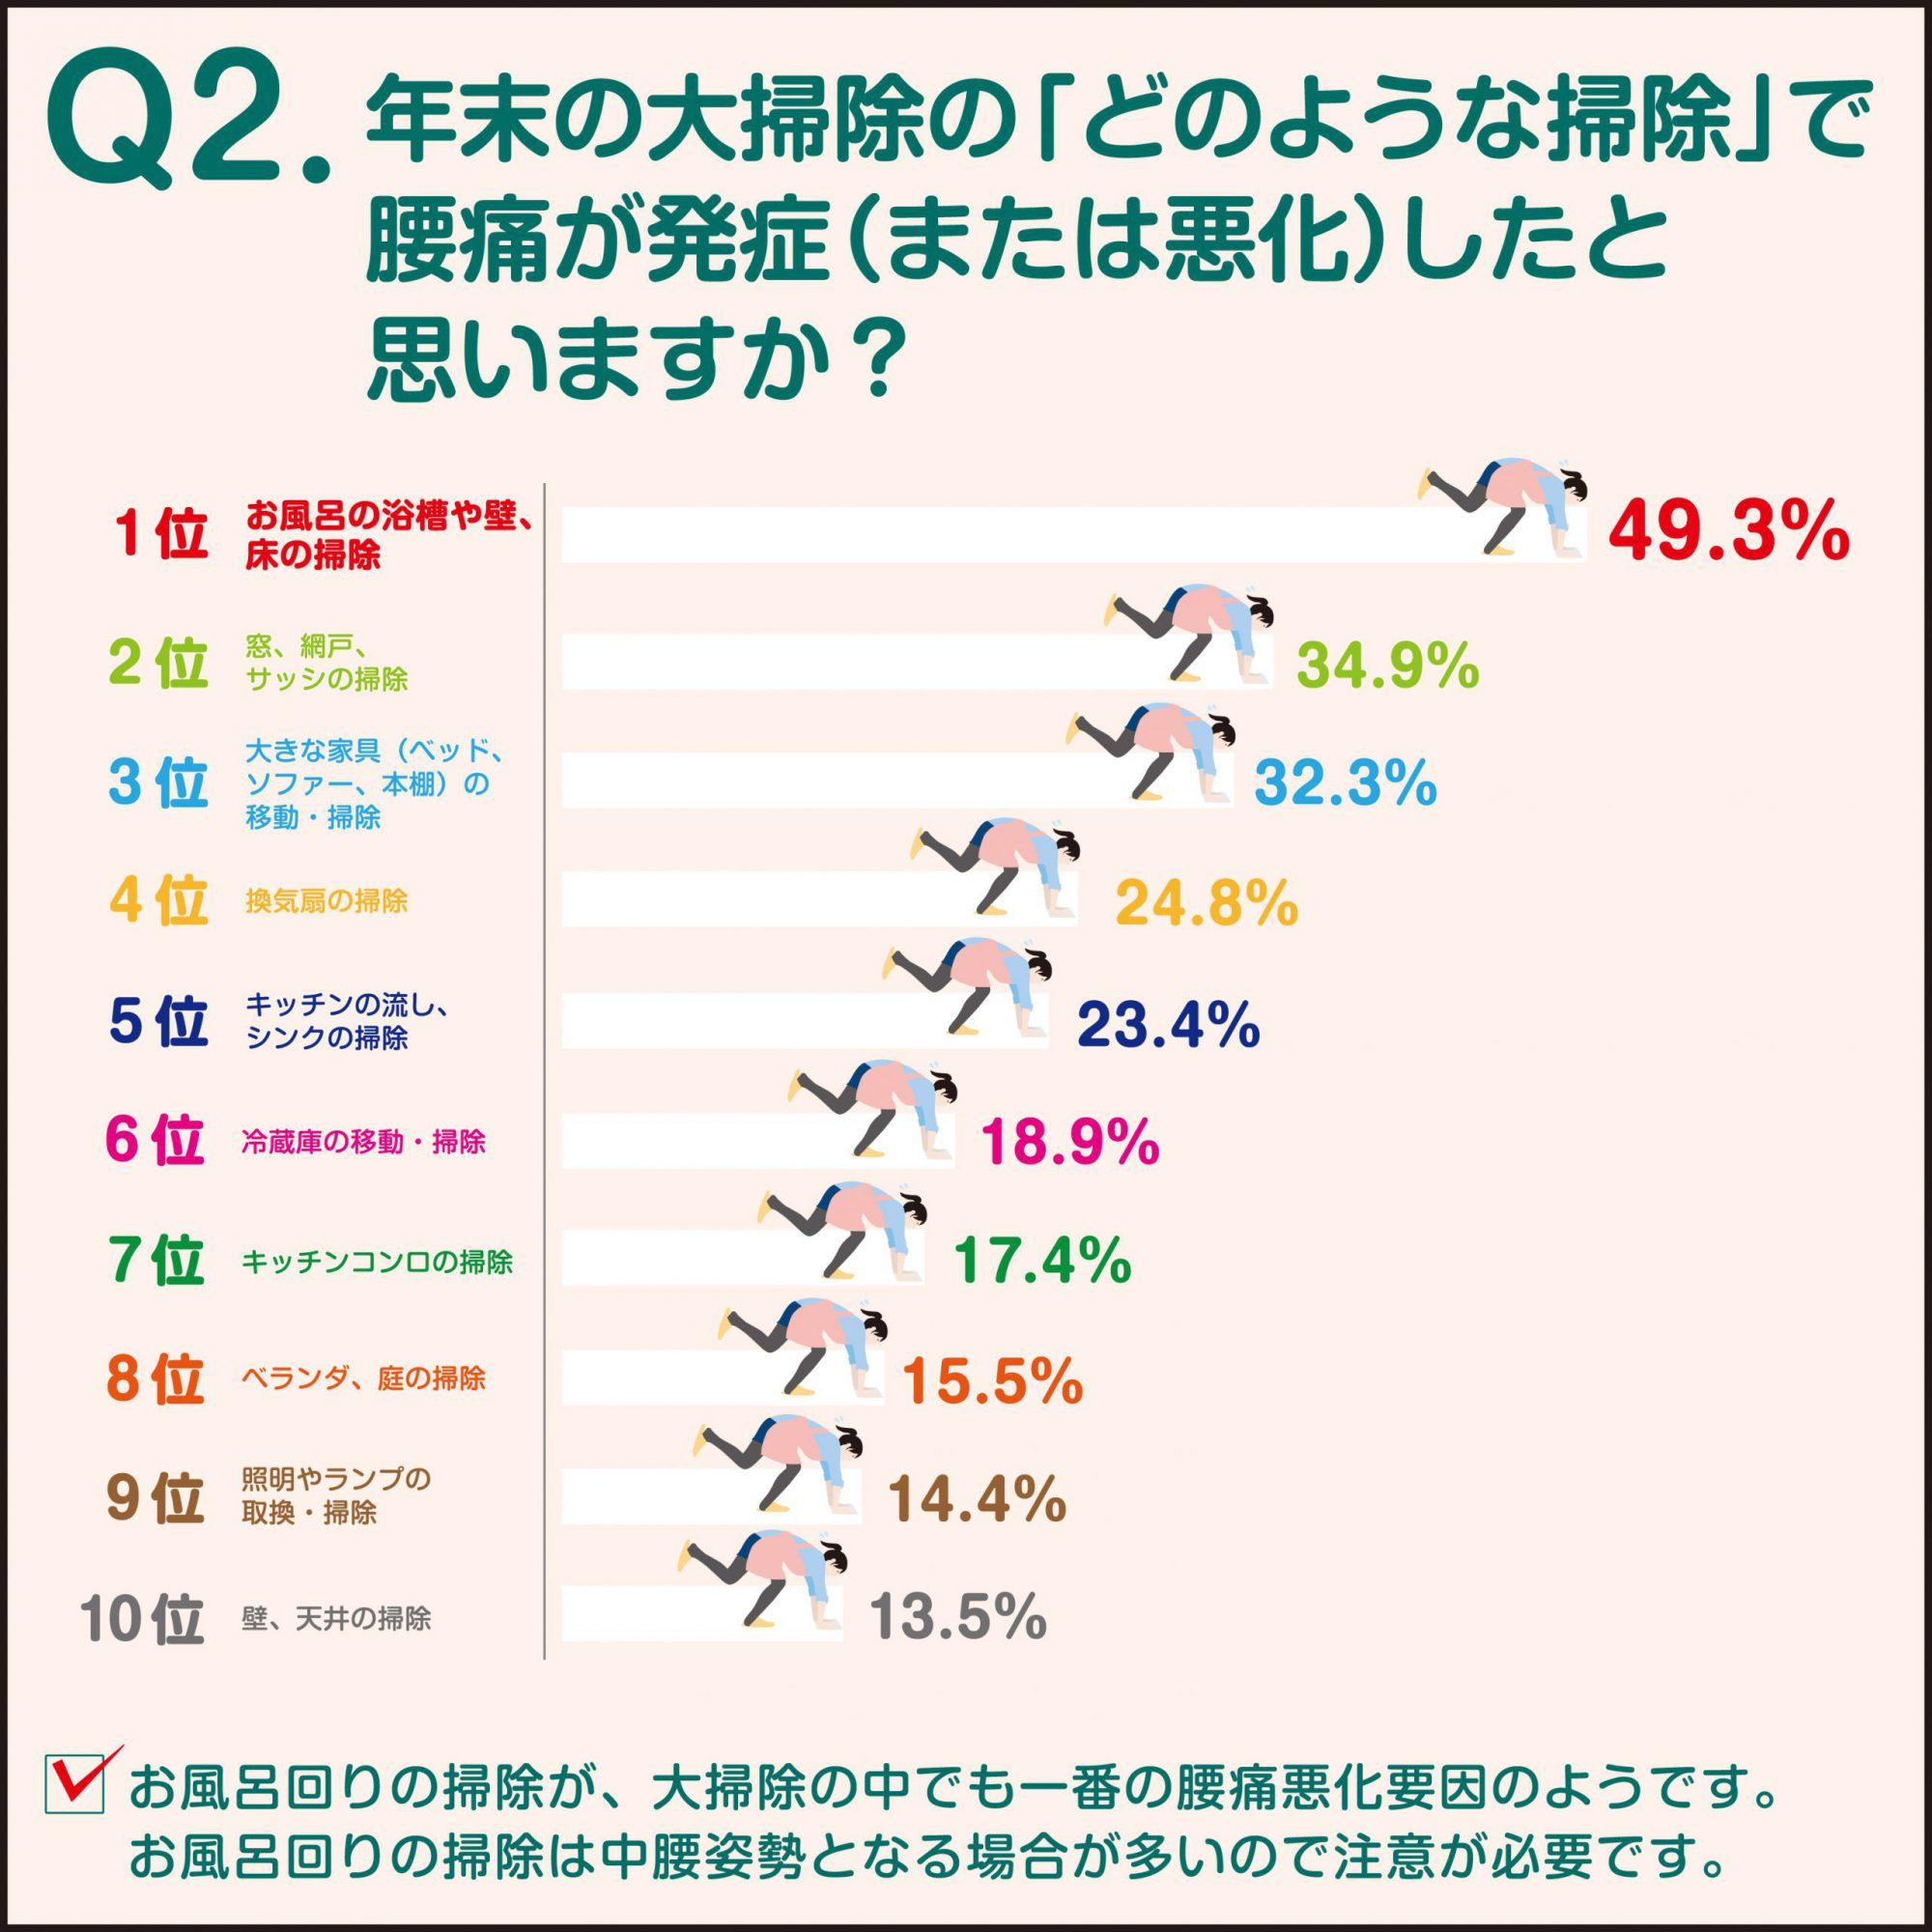 %e3%83%95%e3%82%9a%e3%83%aa%e3%83%b3%e3%83%88-2